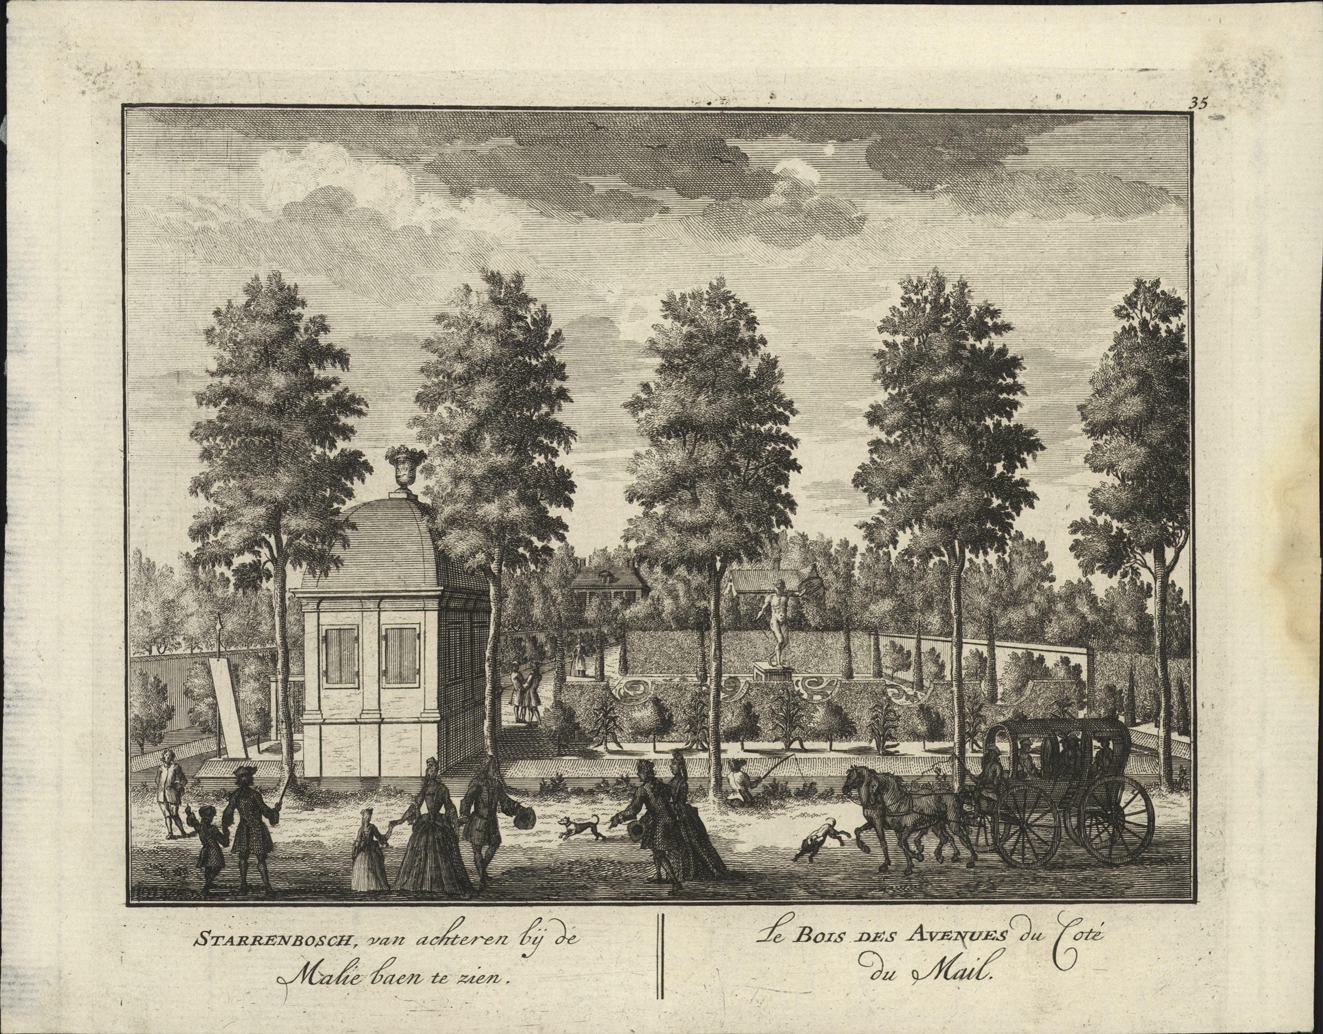 Buitenplaats Starrenbosch in de Watergraafsmeer